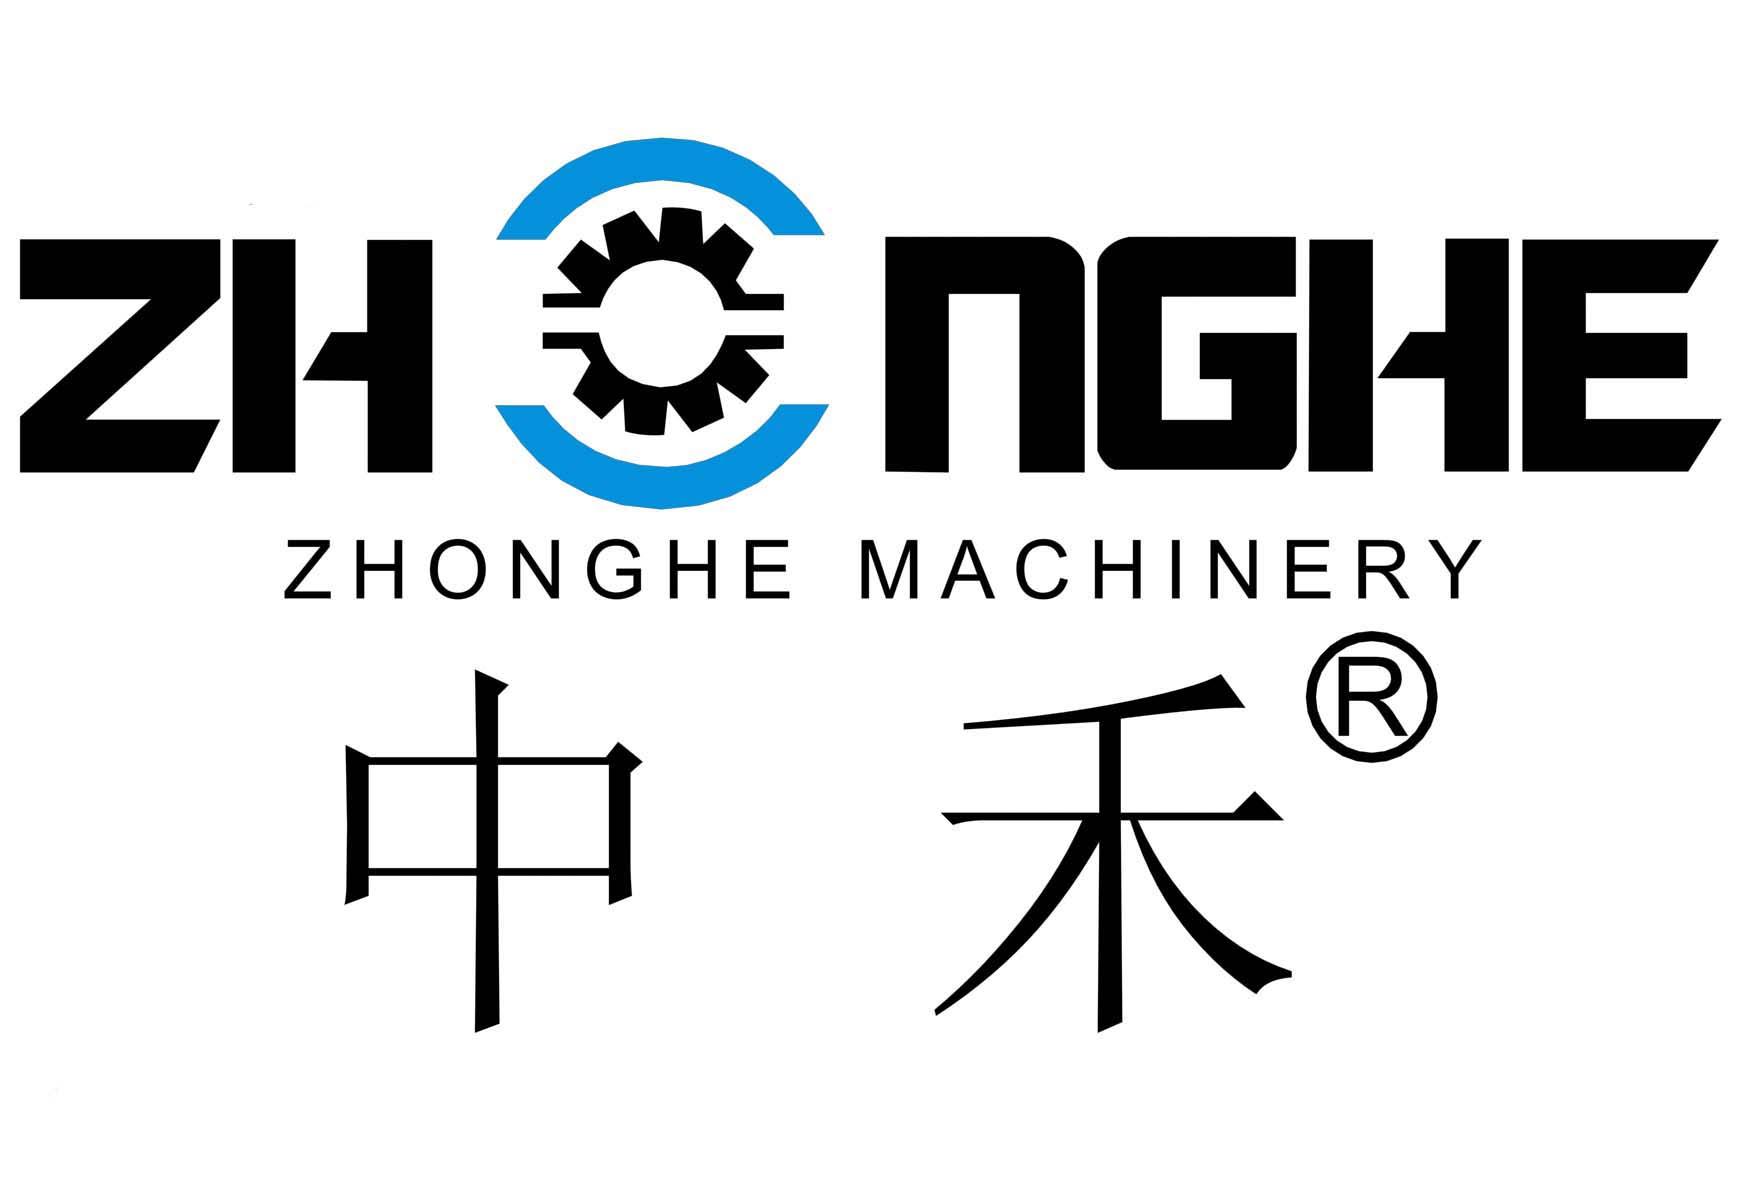 浙江中禾机械有限公司